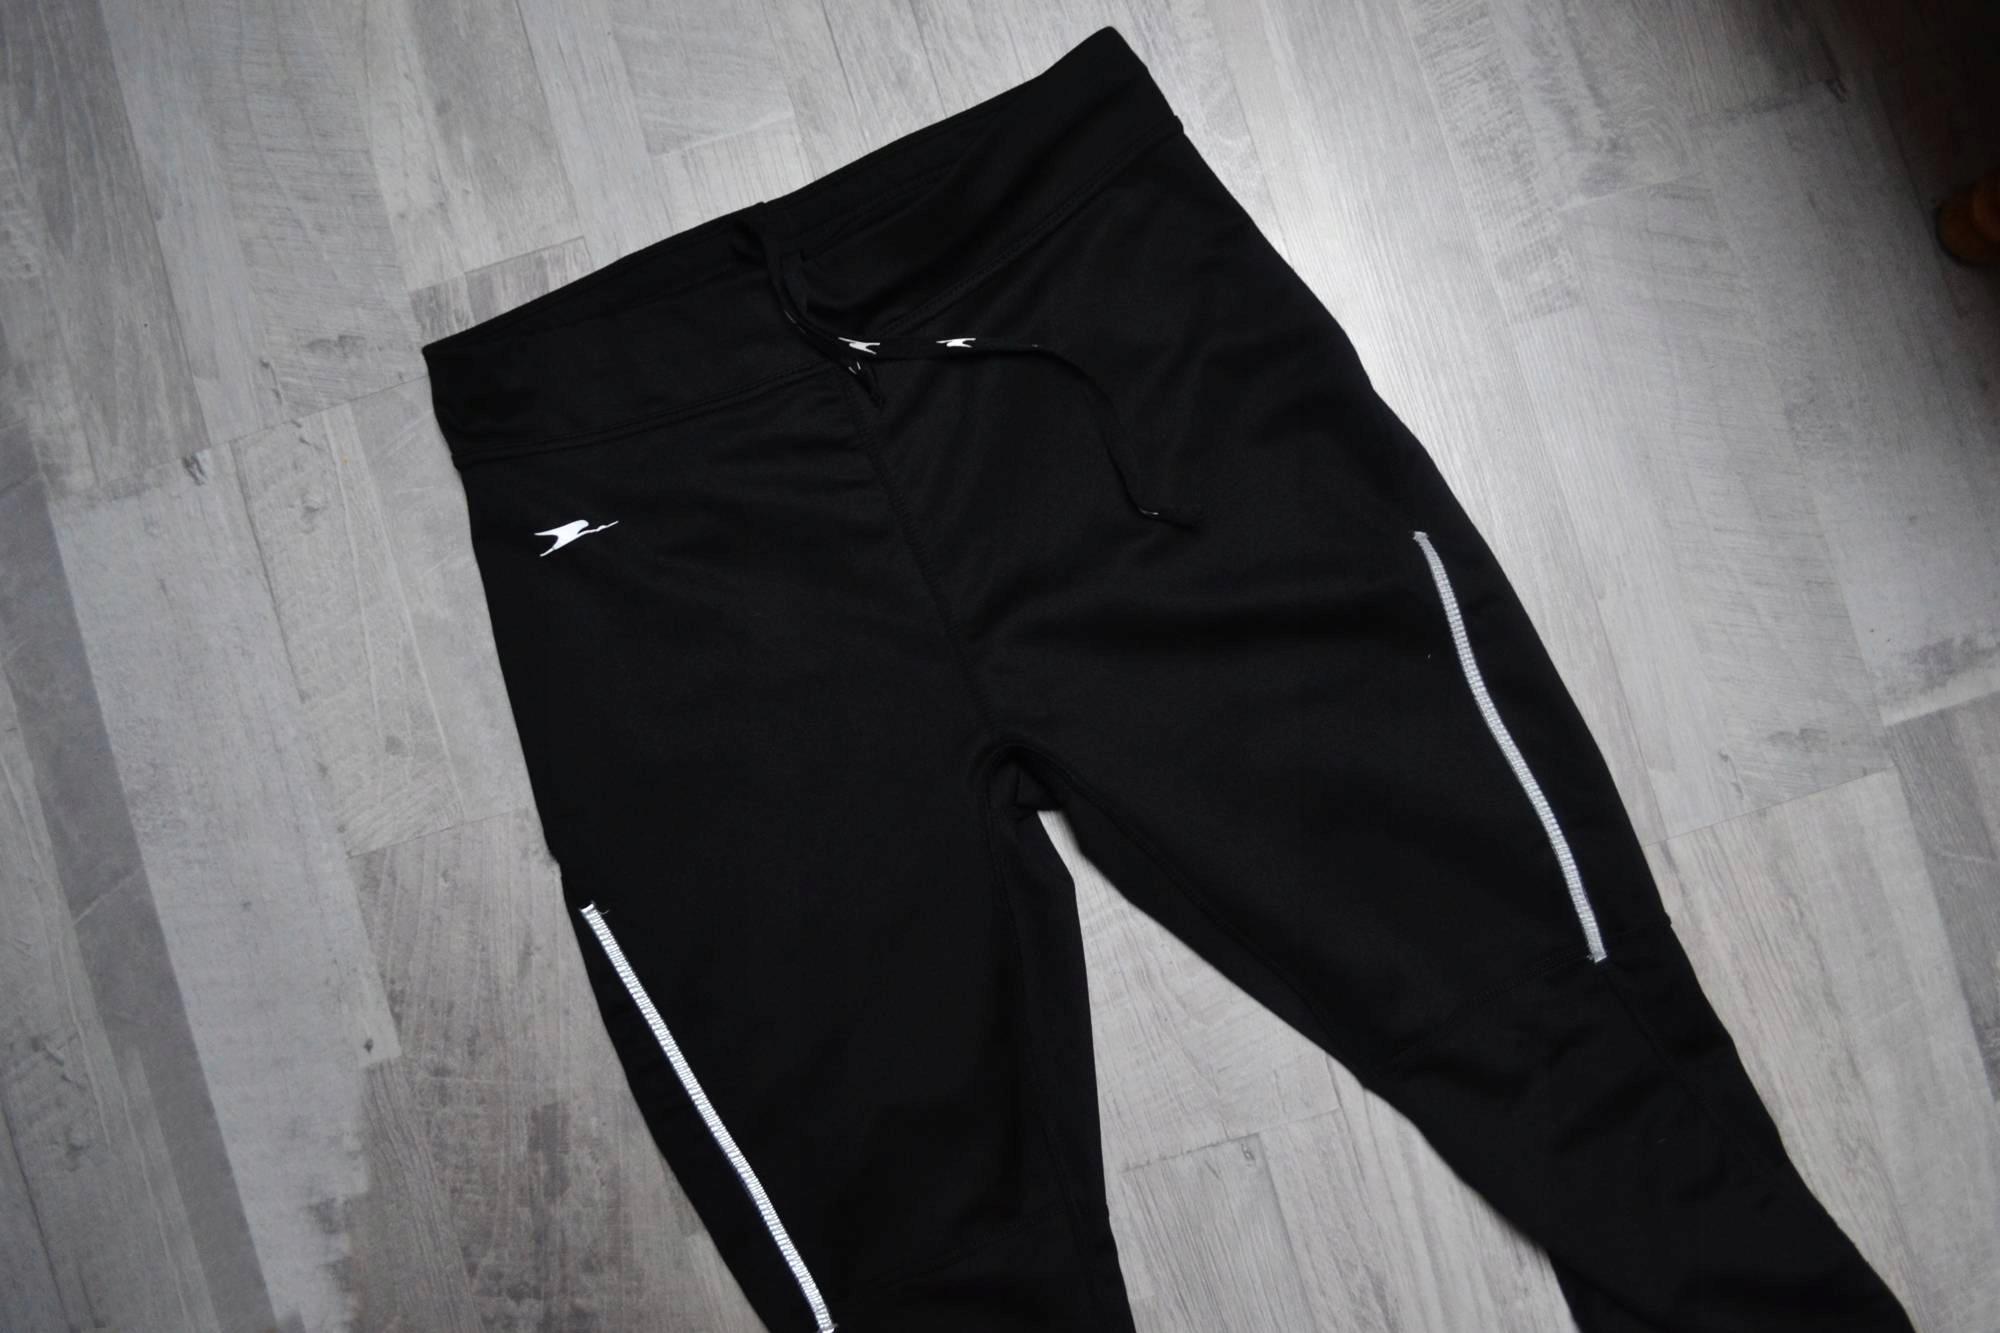 Czarne legginsy Crane sport style